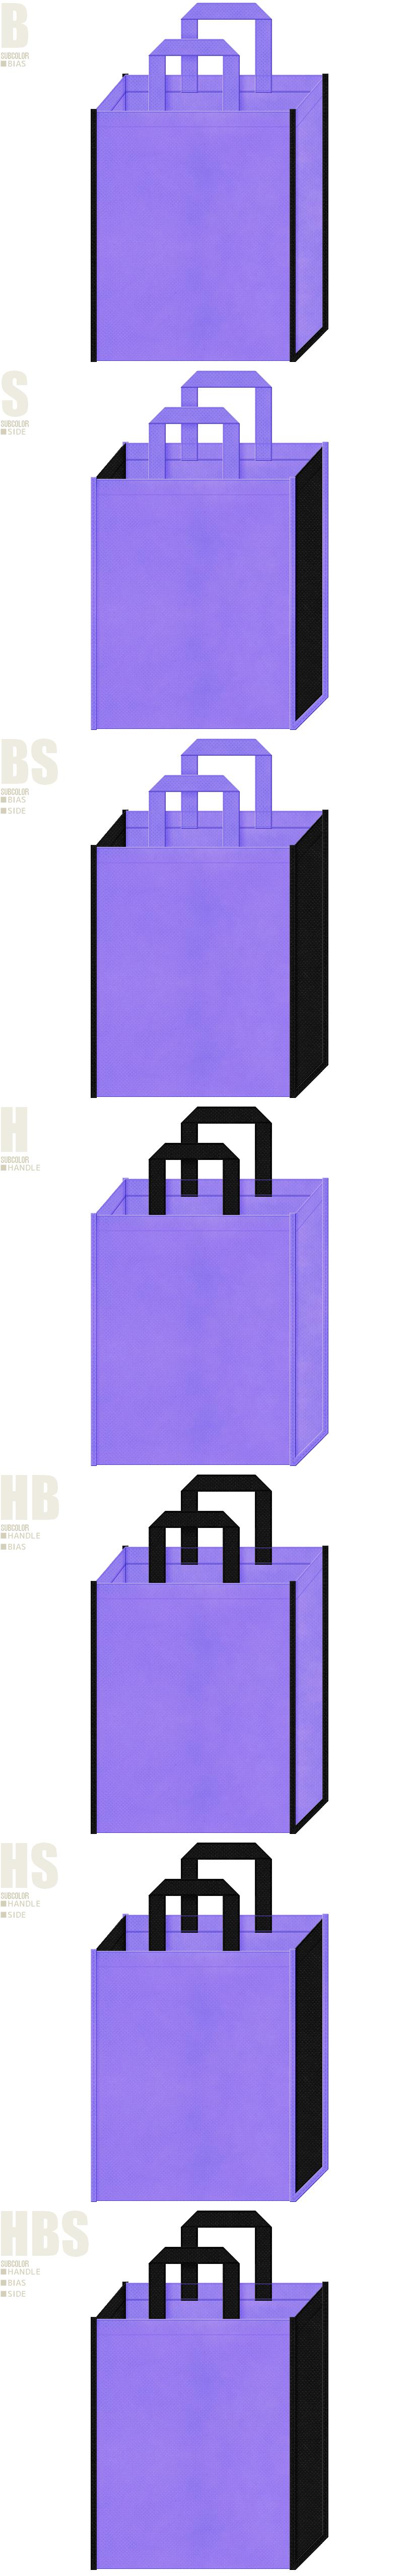 コスプレ衣装キャリー用・コスプレイベントのバッグノベルティにお奨めの、明るめの紫色と黒色、7パターンの不織布トートバッグ配色デザイン例。